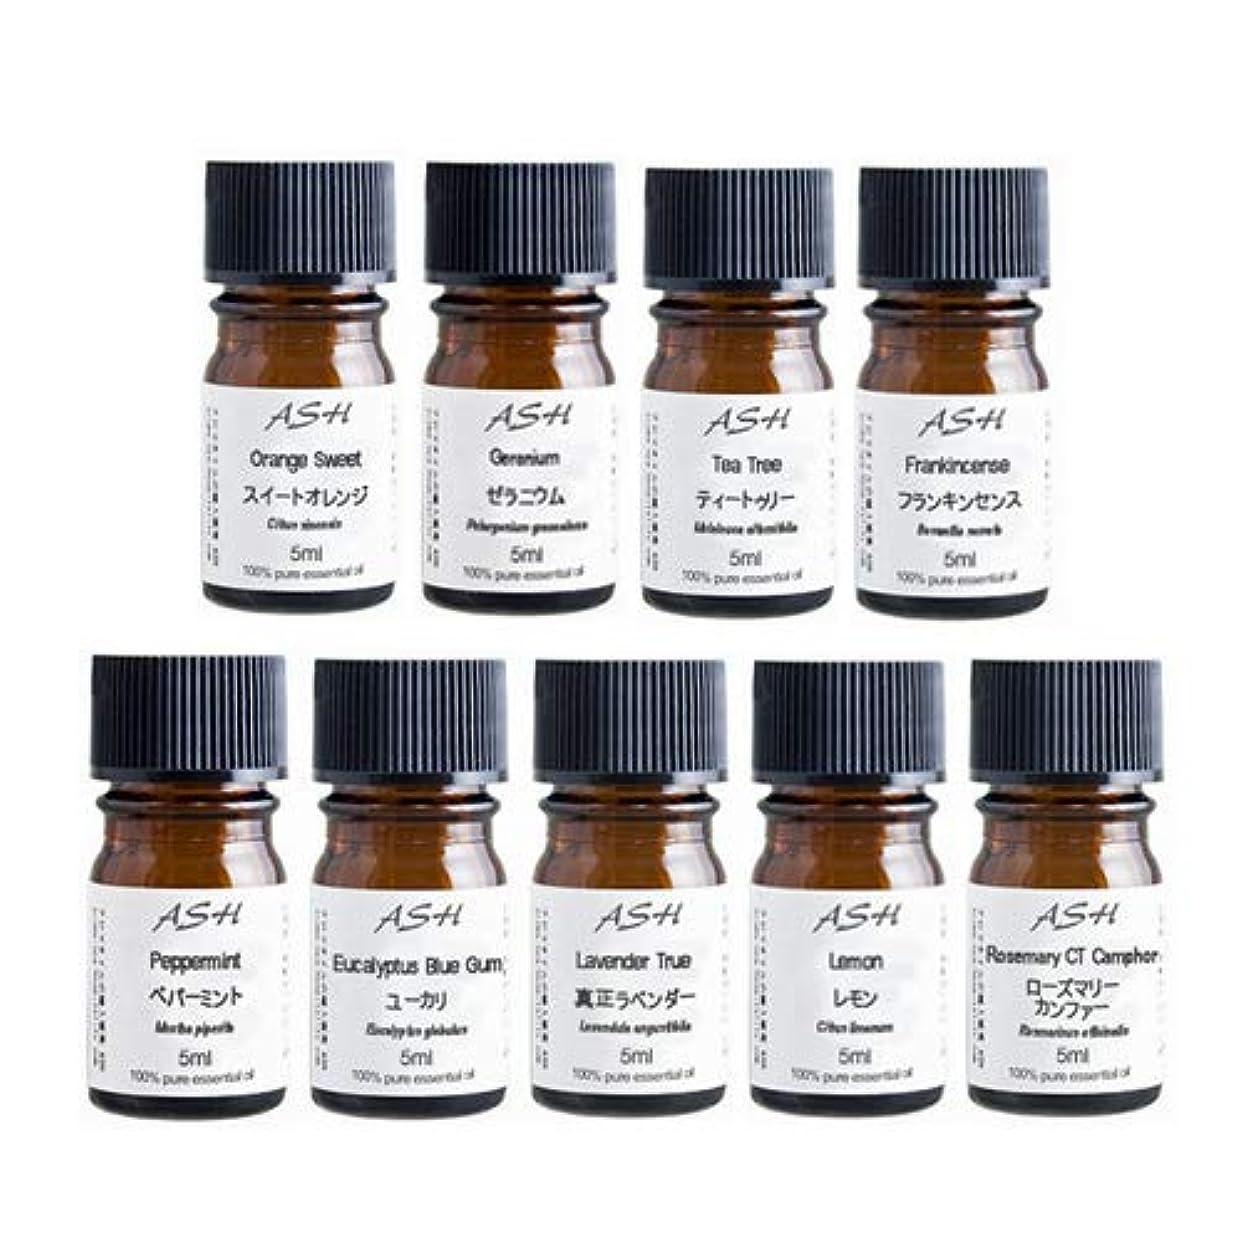 チャンバー健康的故障ASH アロマ検定 2級 対応 セット 5mlx9本(スイートオレンジ、ゼラニウム、ティートゥリー、フラン キンセンス、ペパーミント、ユーカリ、ラベンダー、レモン、ローズマリー)AEAJ表示基準適合認定精油